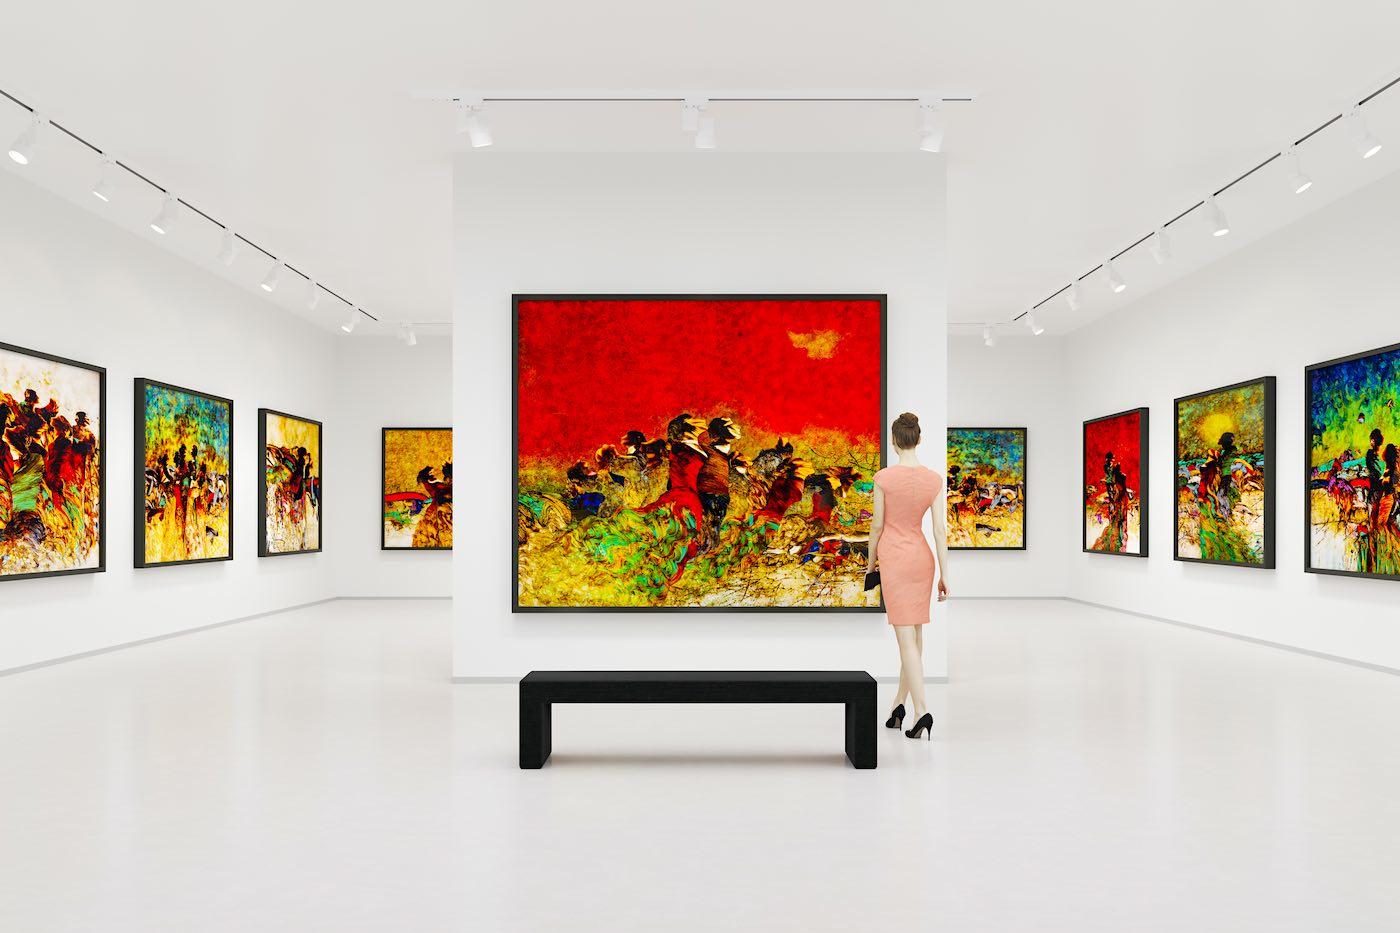 Las 5 pinturas más caras vendidas en el mundo